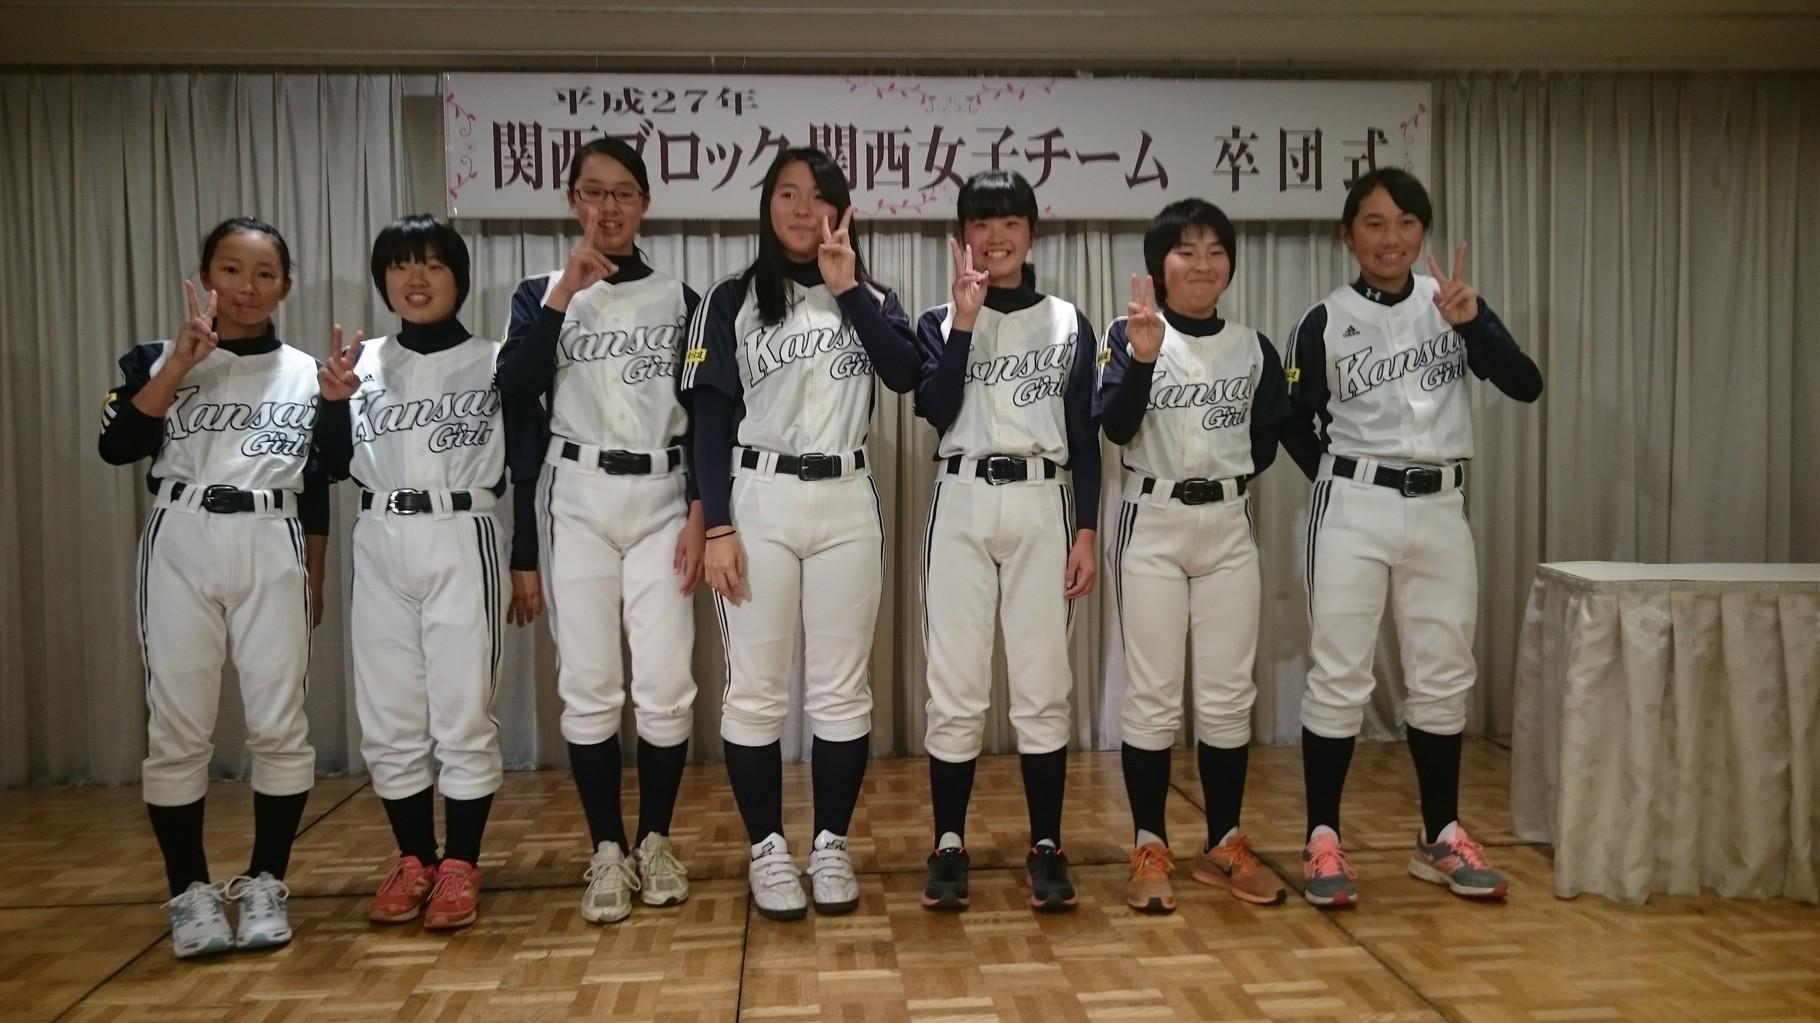 松田主将と奈良県支部所属選手(葛城ボーイズ3名)